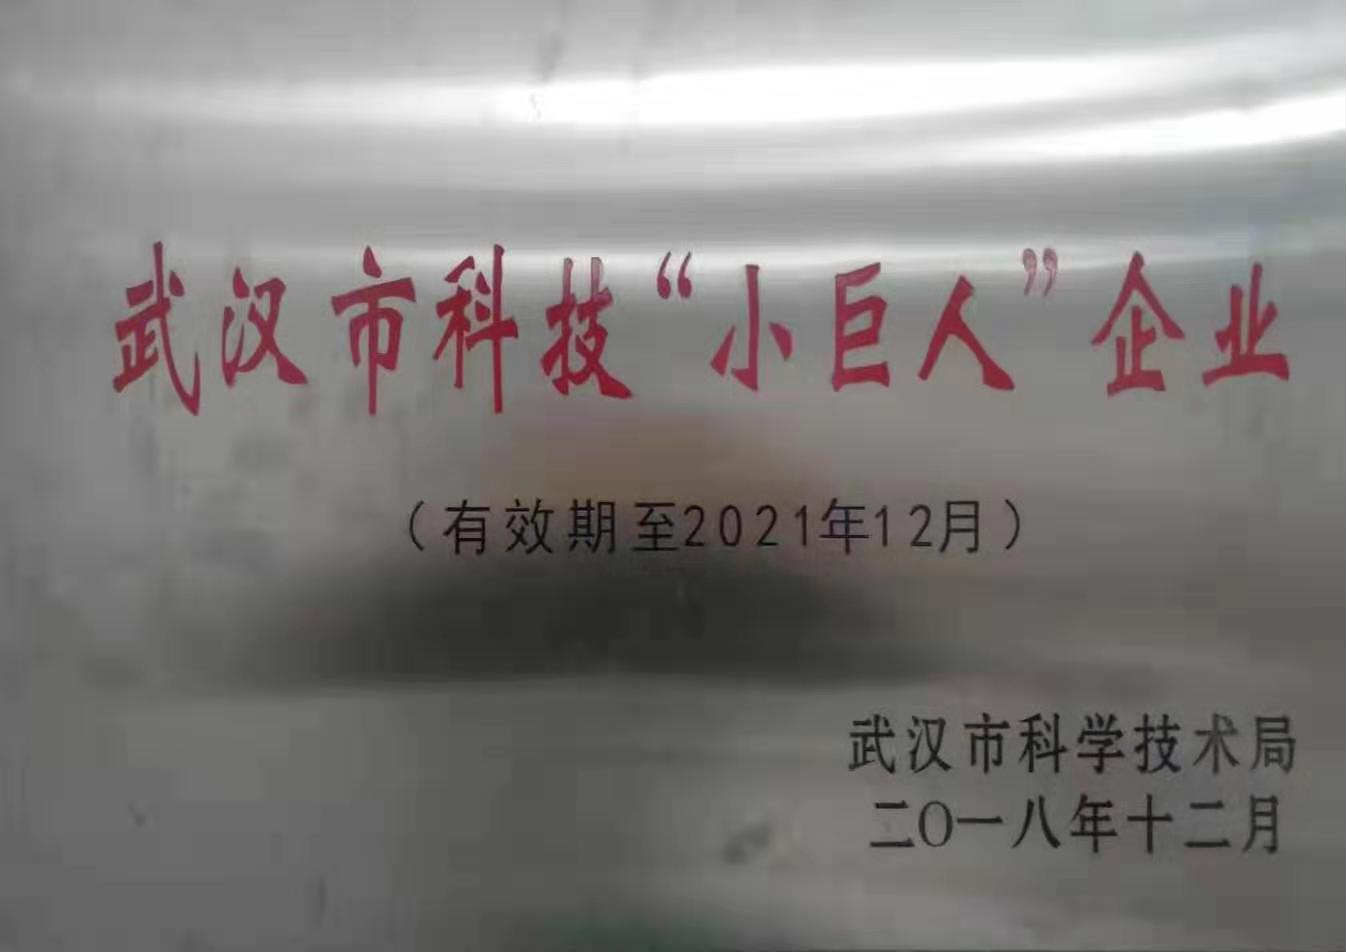 餐饮污水处理价格-武汉市哪里有卖质量好的全自动餐饮废水一体化处理设备